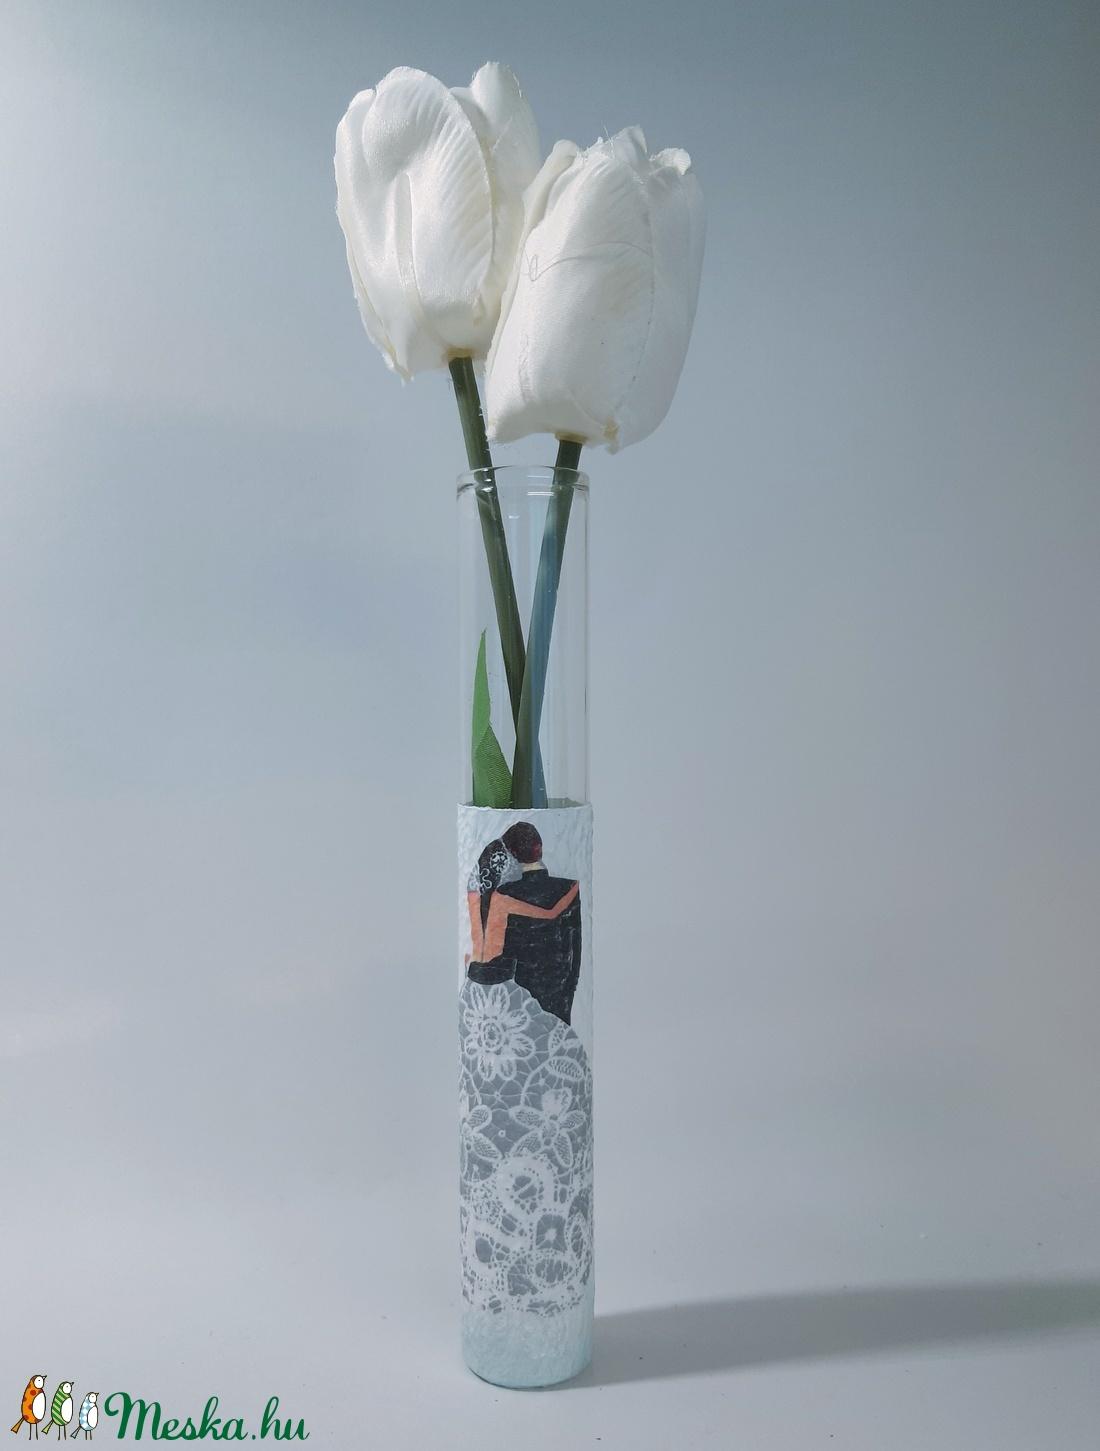 Kémcső váza, esküvői váza, modern menyasszony és vőlegény váza, esküvői dekoráció és nászajándék - Meska.hu